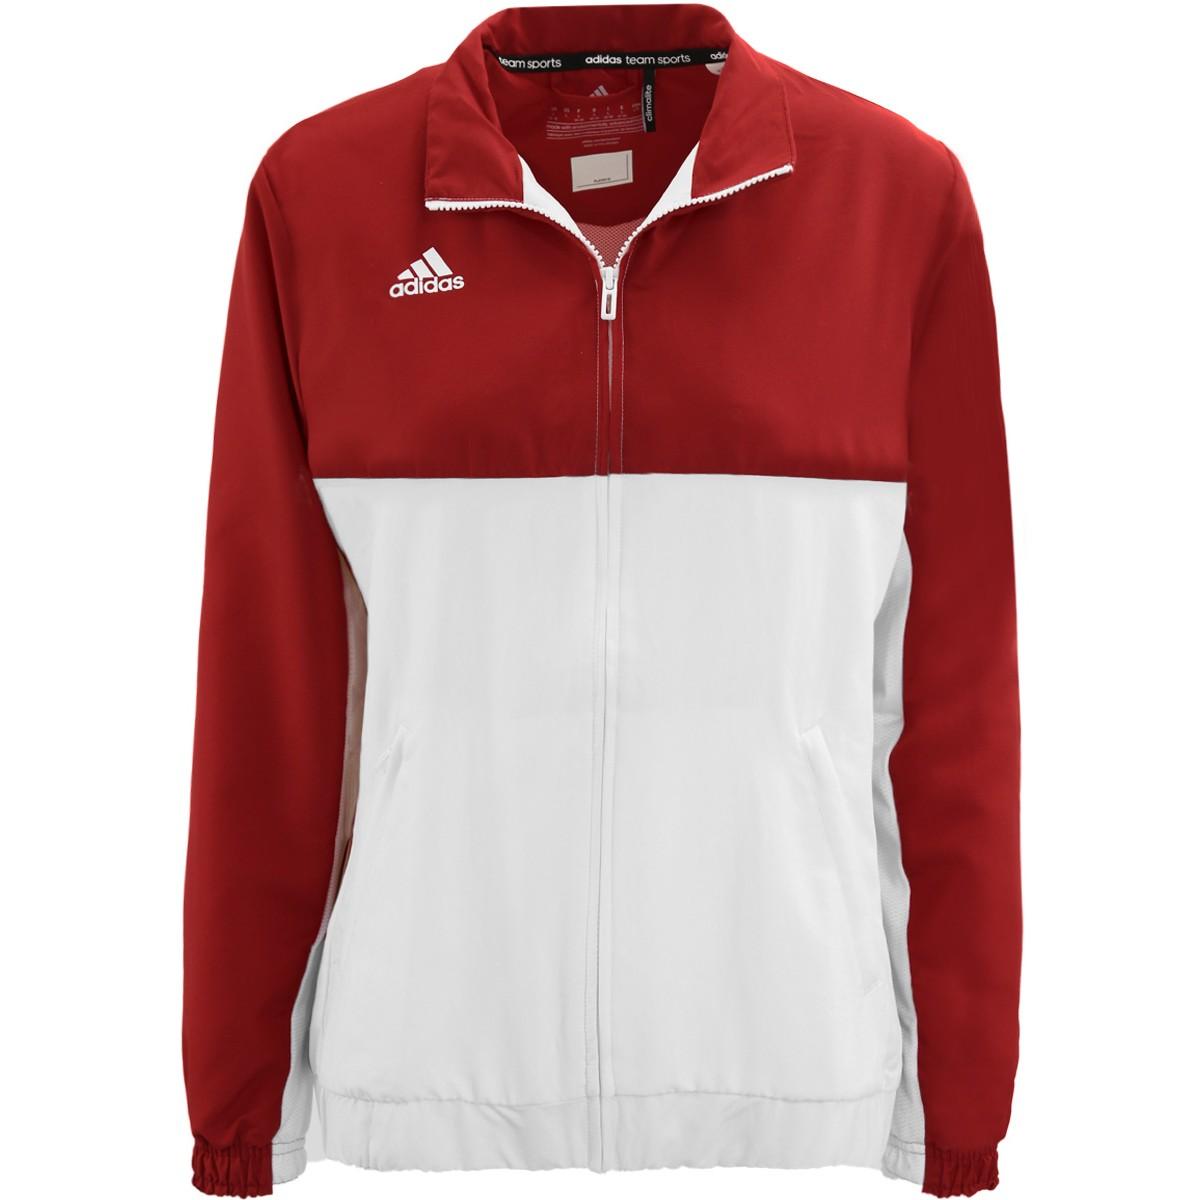 veste adidas rouge et blanche femme